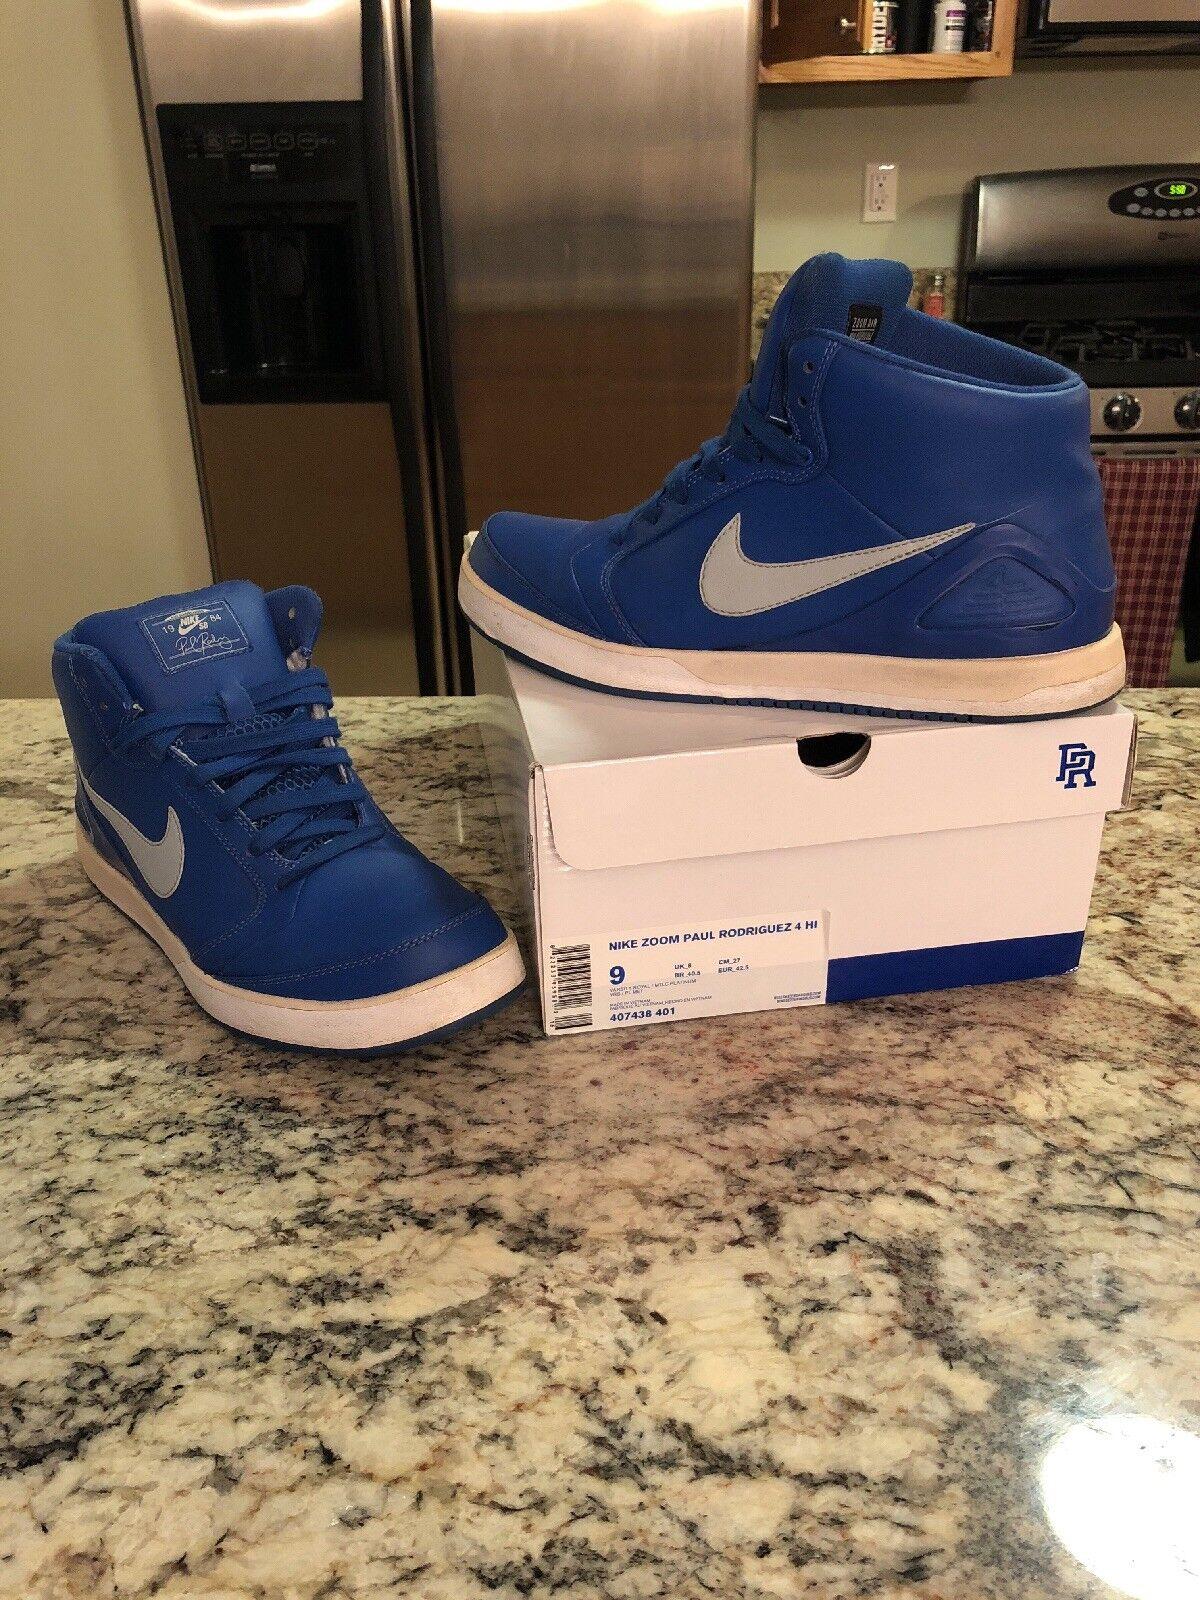 Nike Zoom Paul Rodriguez p rod 4 temporada alta azul beneficios comodo recortes de precios, beneficios azul de descuentos 338dd3